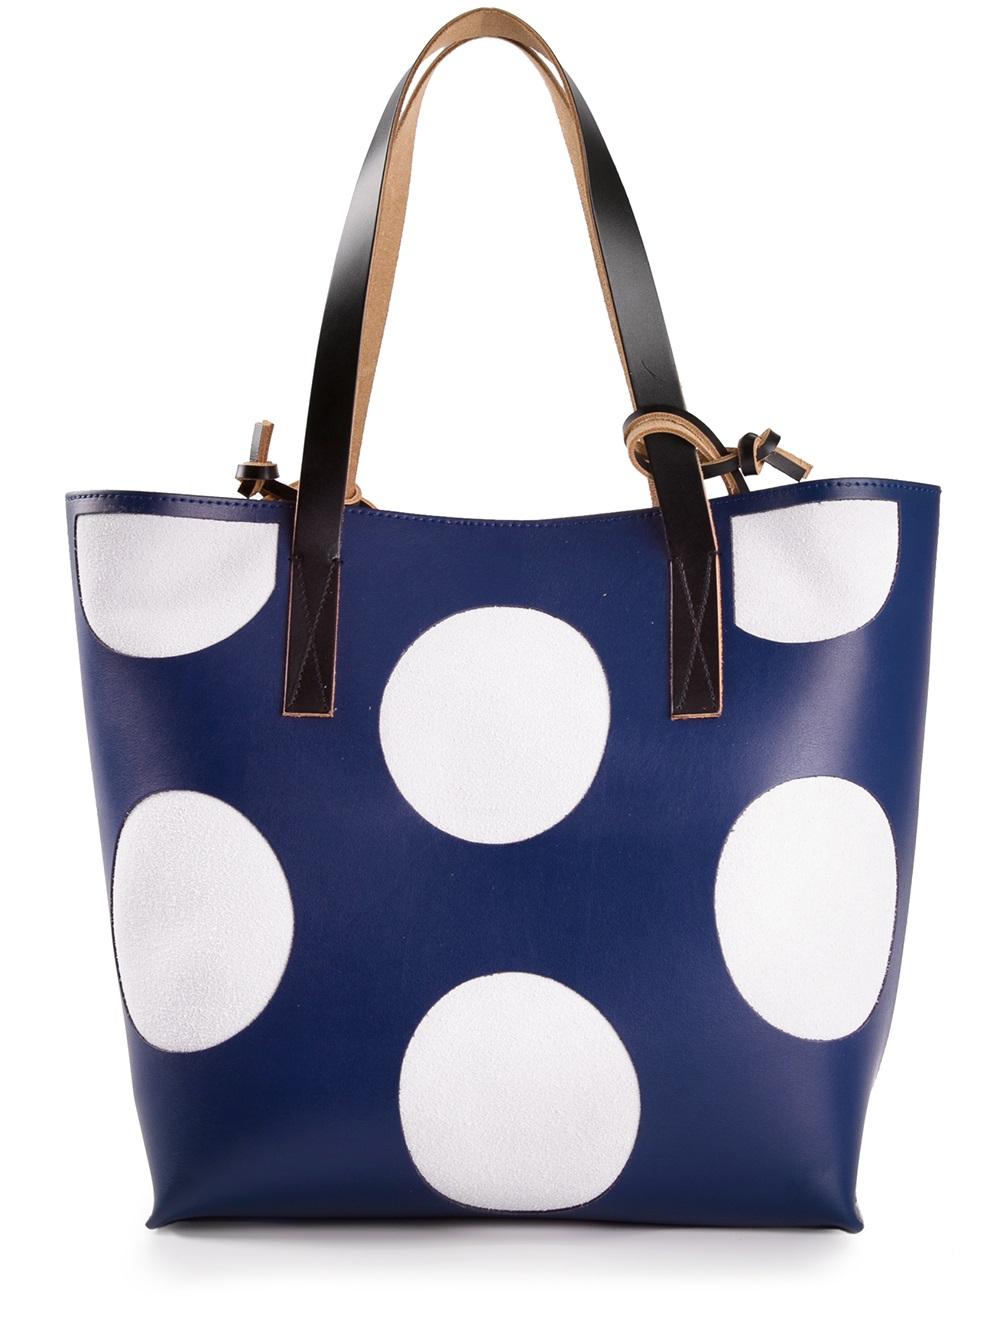 Marni Polka Dot Shopper Tote in Blue